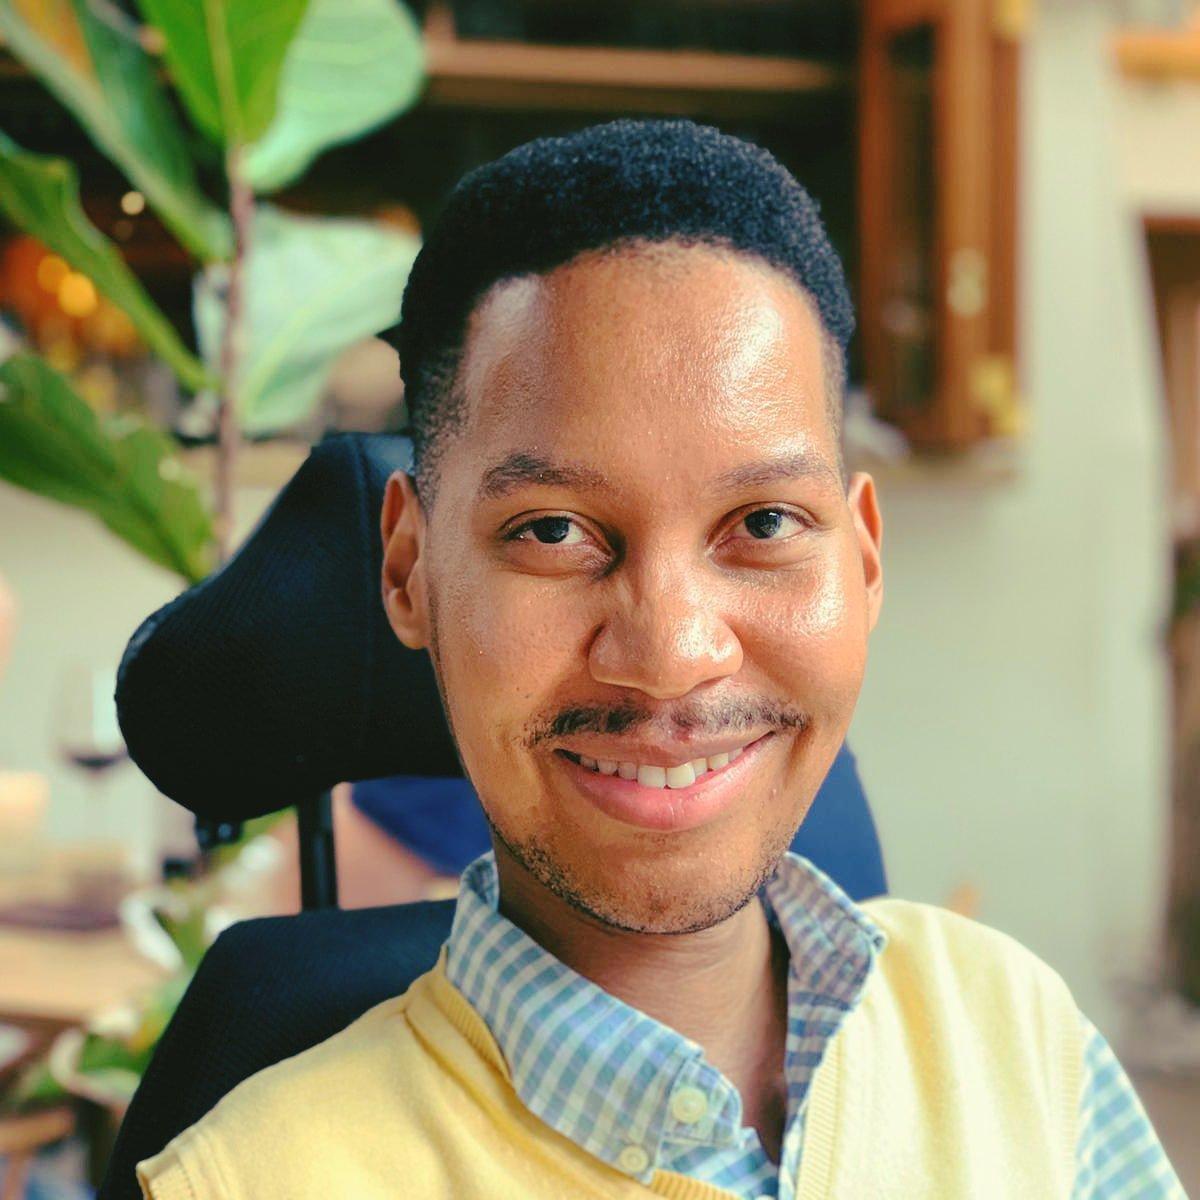 Eddie Ndopu indoor image